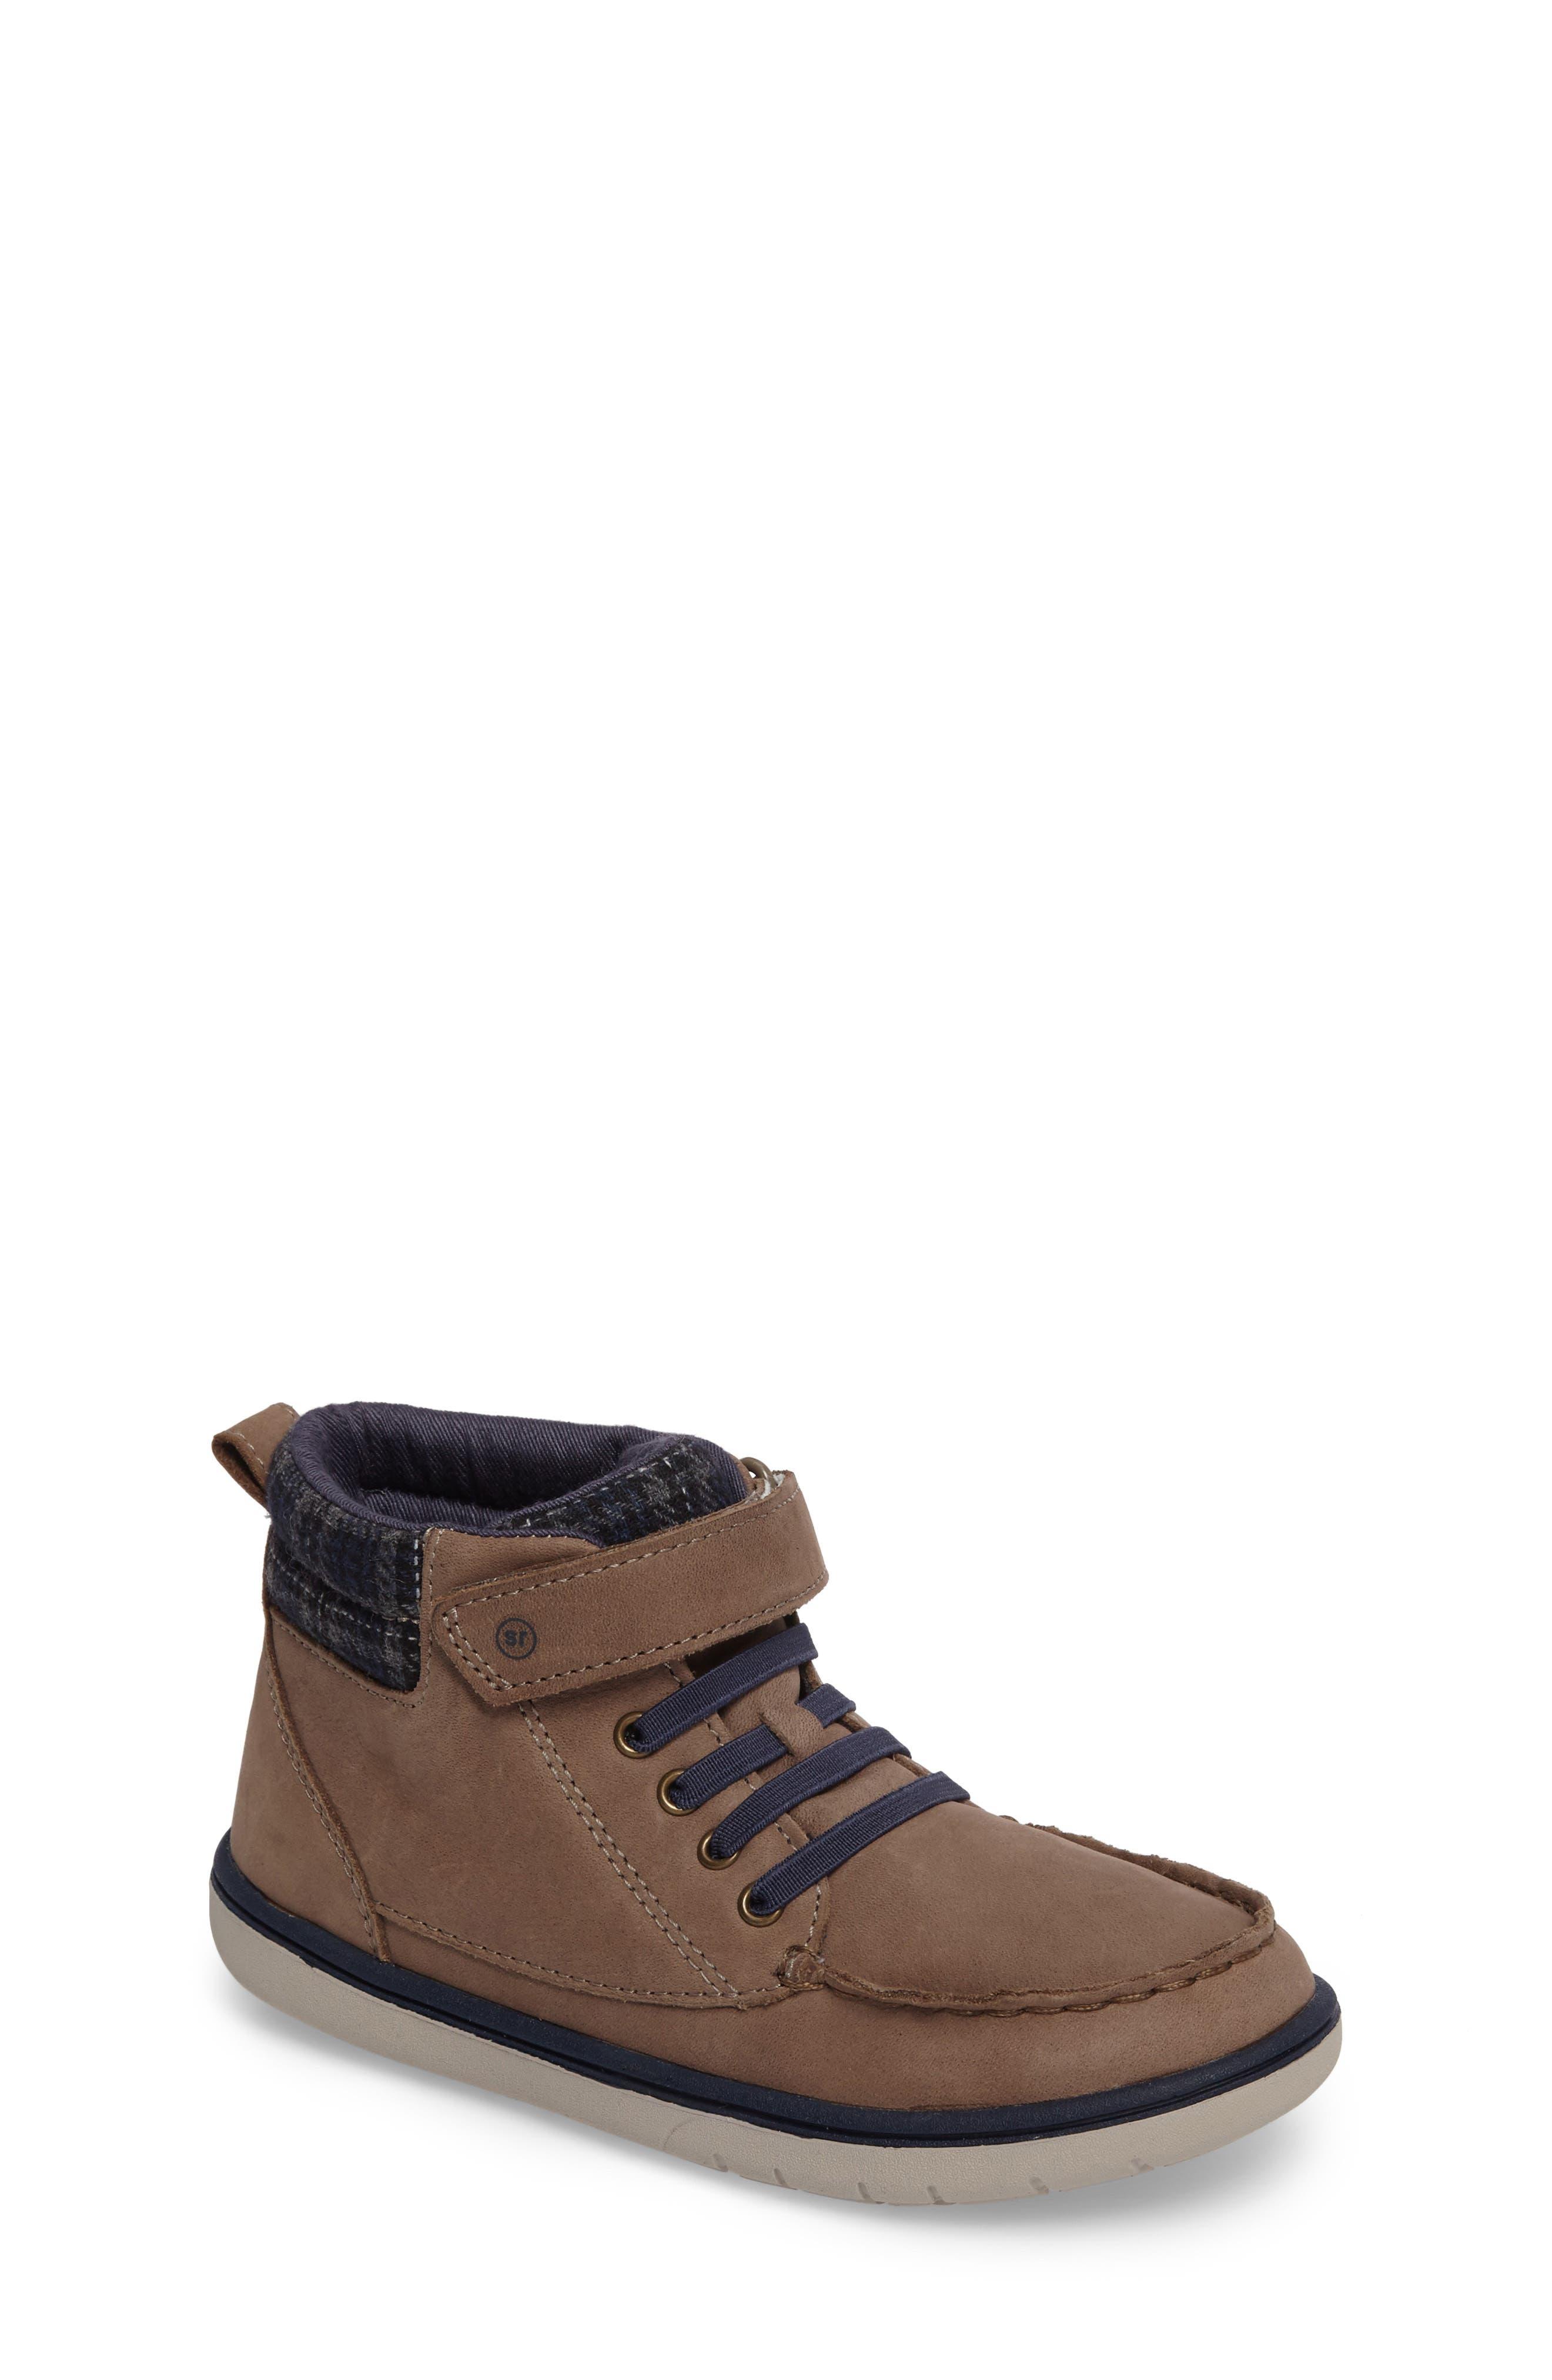 SRtech<sup>™</sup> Langston Bootie,                             Main thumbnail 1, color,                             Greige Leather